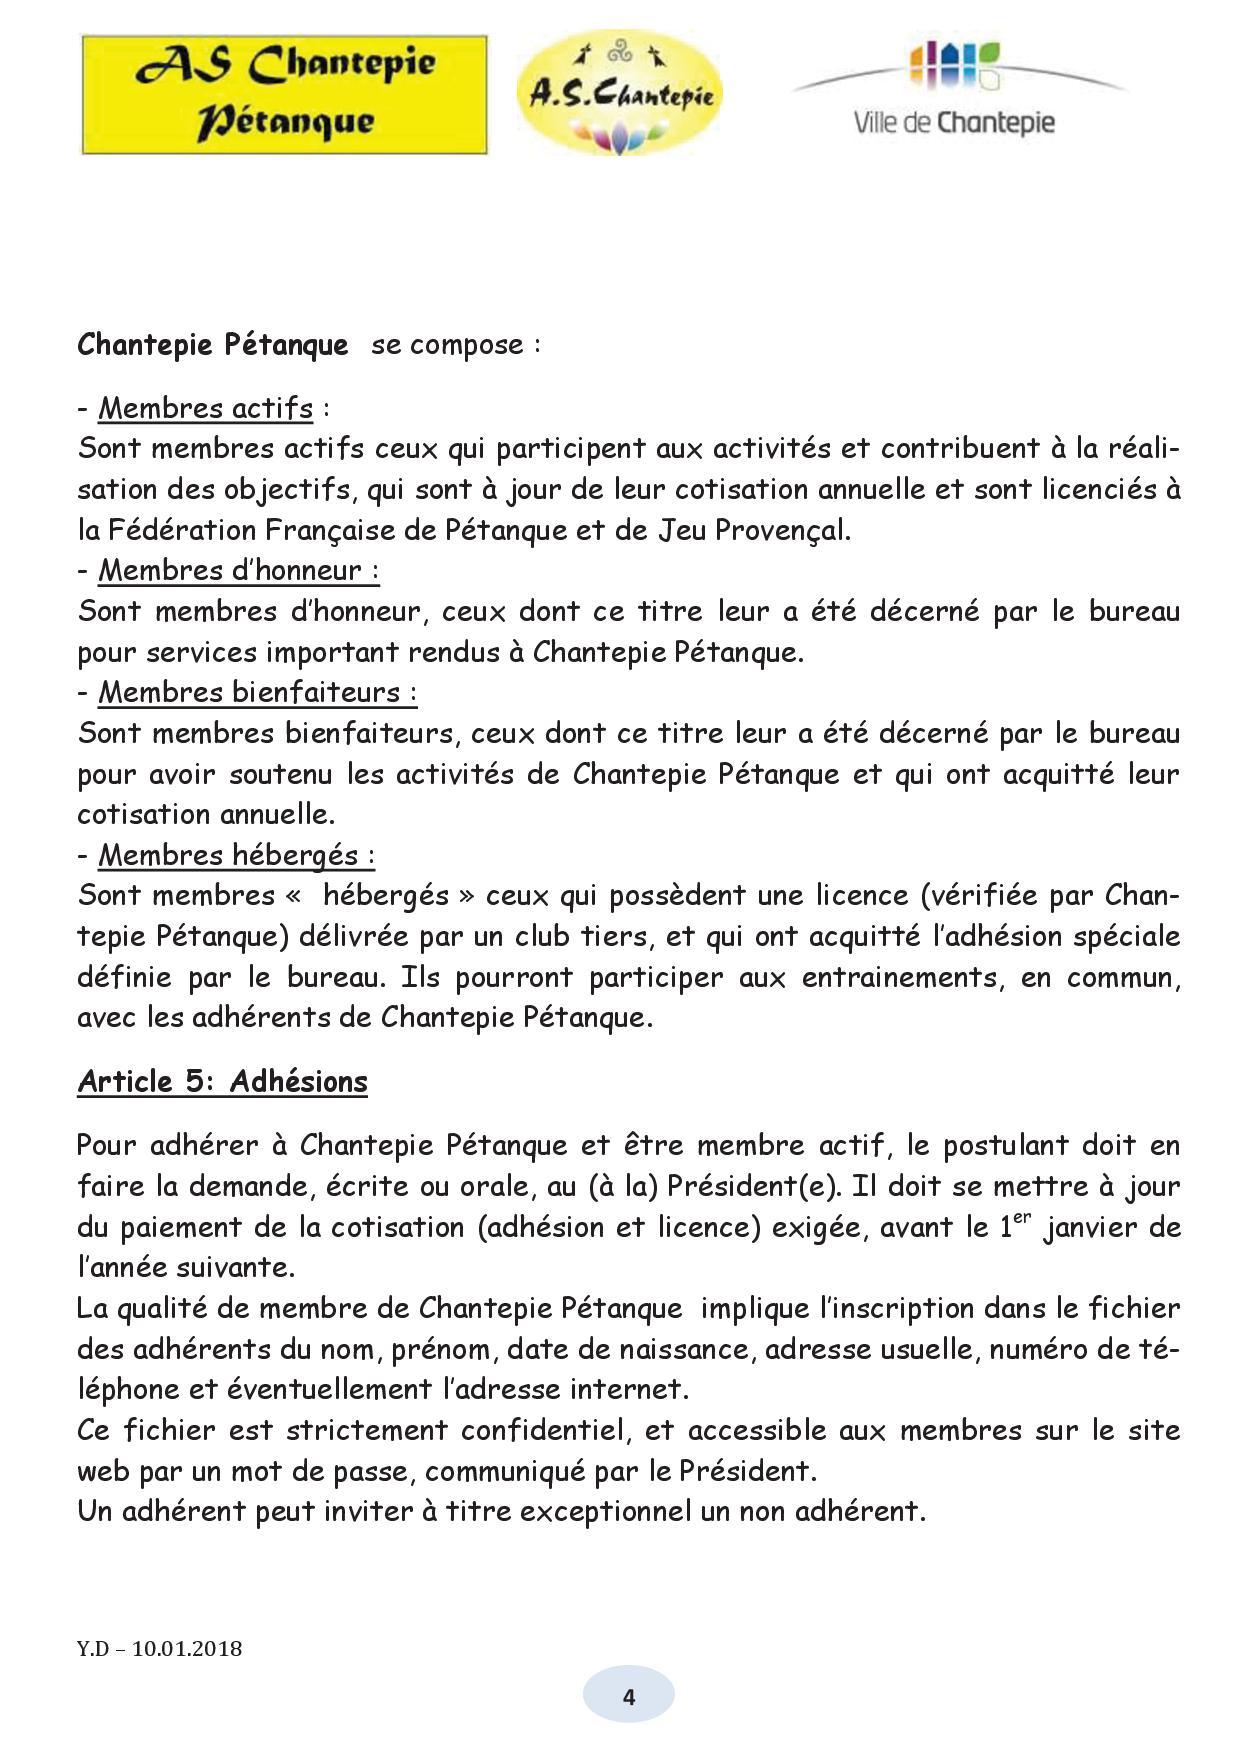 REGLEMENT CHANTEPIE PÉTANQUE  V10.01.2018 ( modif réunion 10.01.18)04.jpg